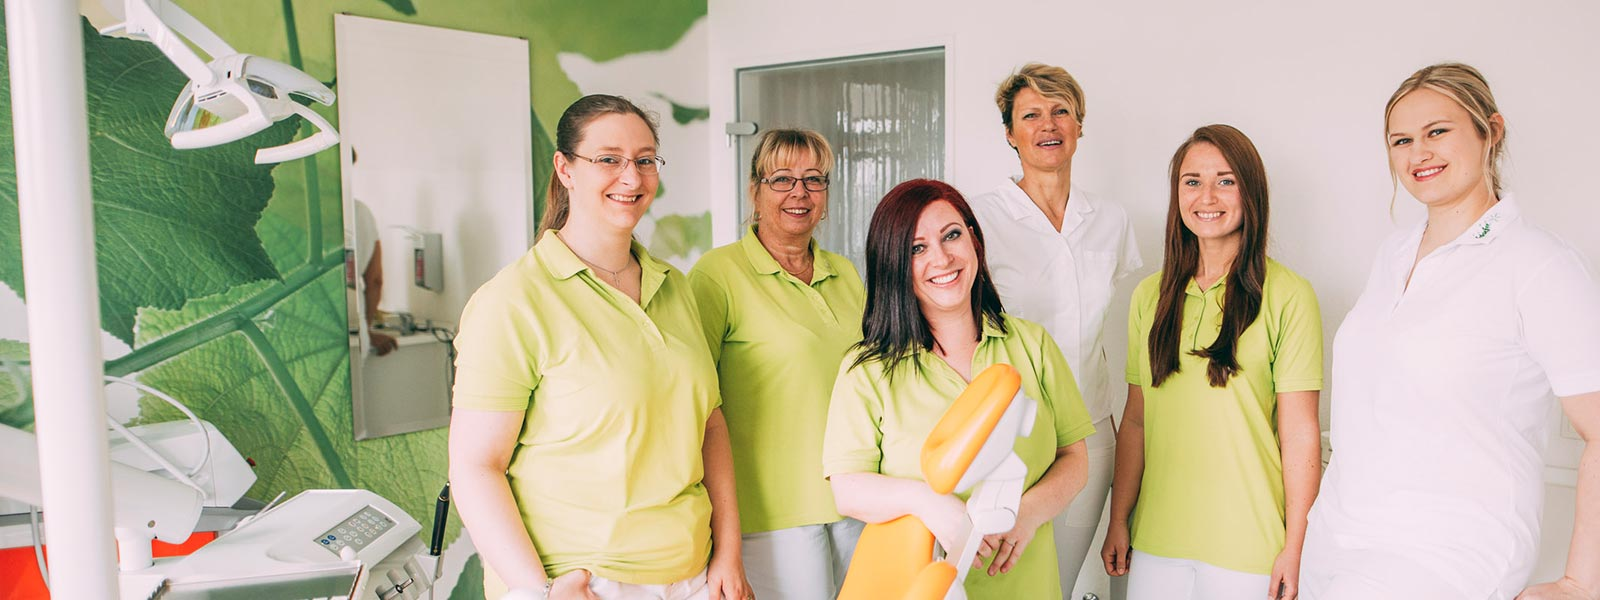 Das Team der Zahnarztpraxis Stille in Magdeburg.